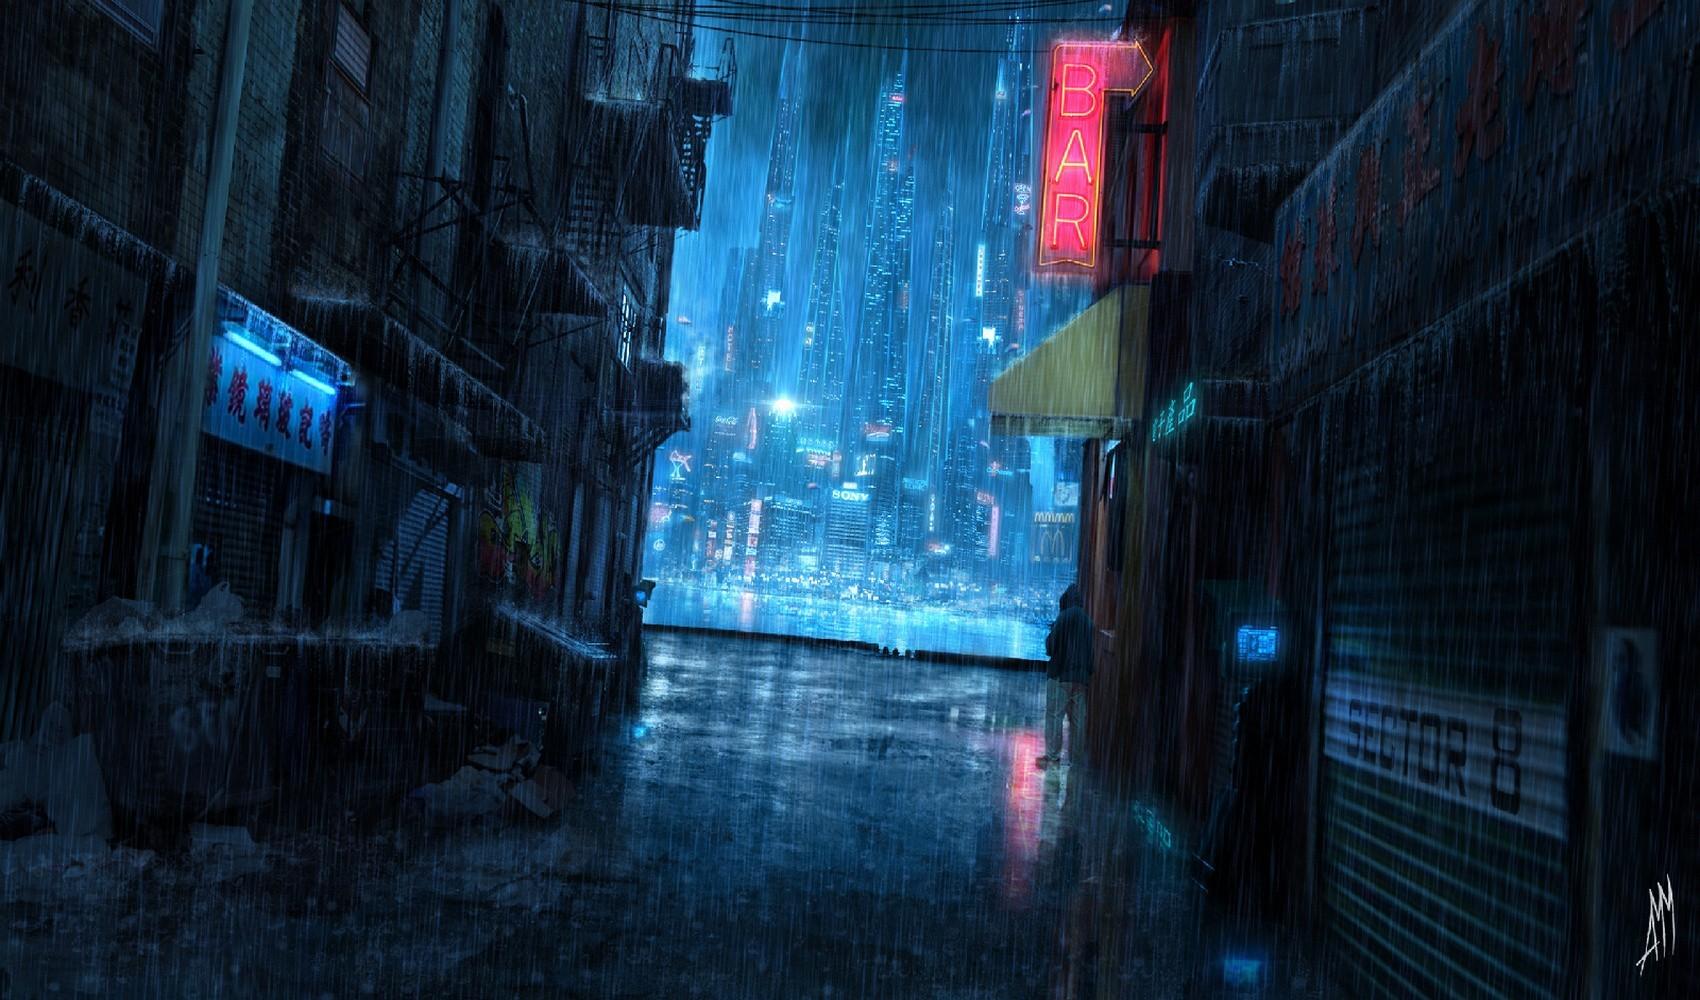 デスクトップ壁紙 サイバーパンク 反射 青 Sf 未来都市 真夜中